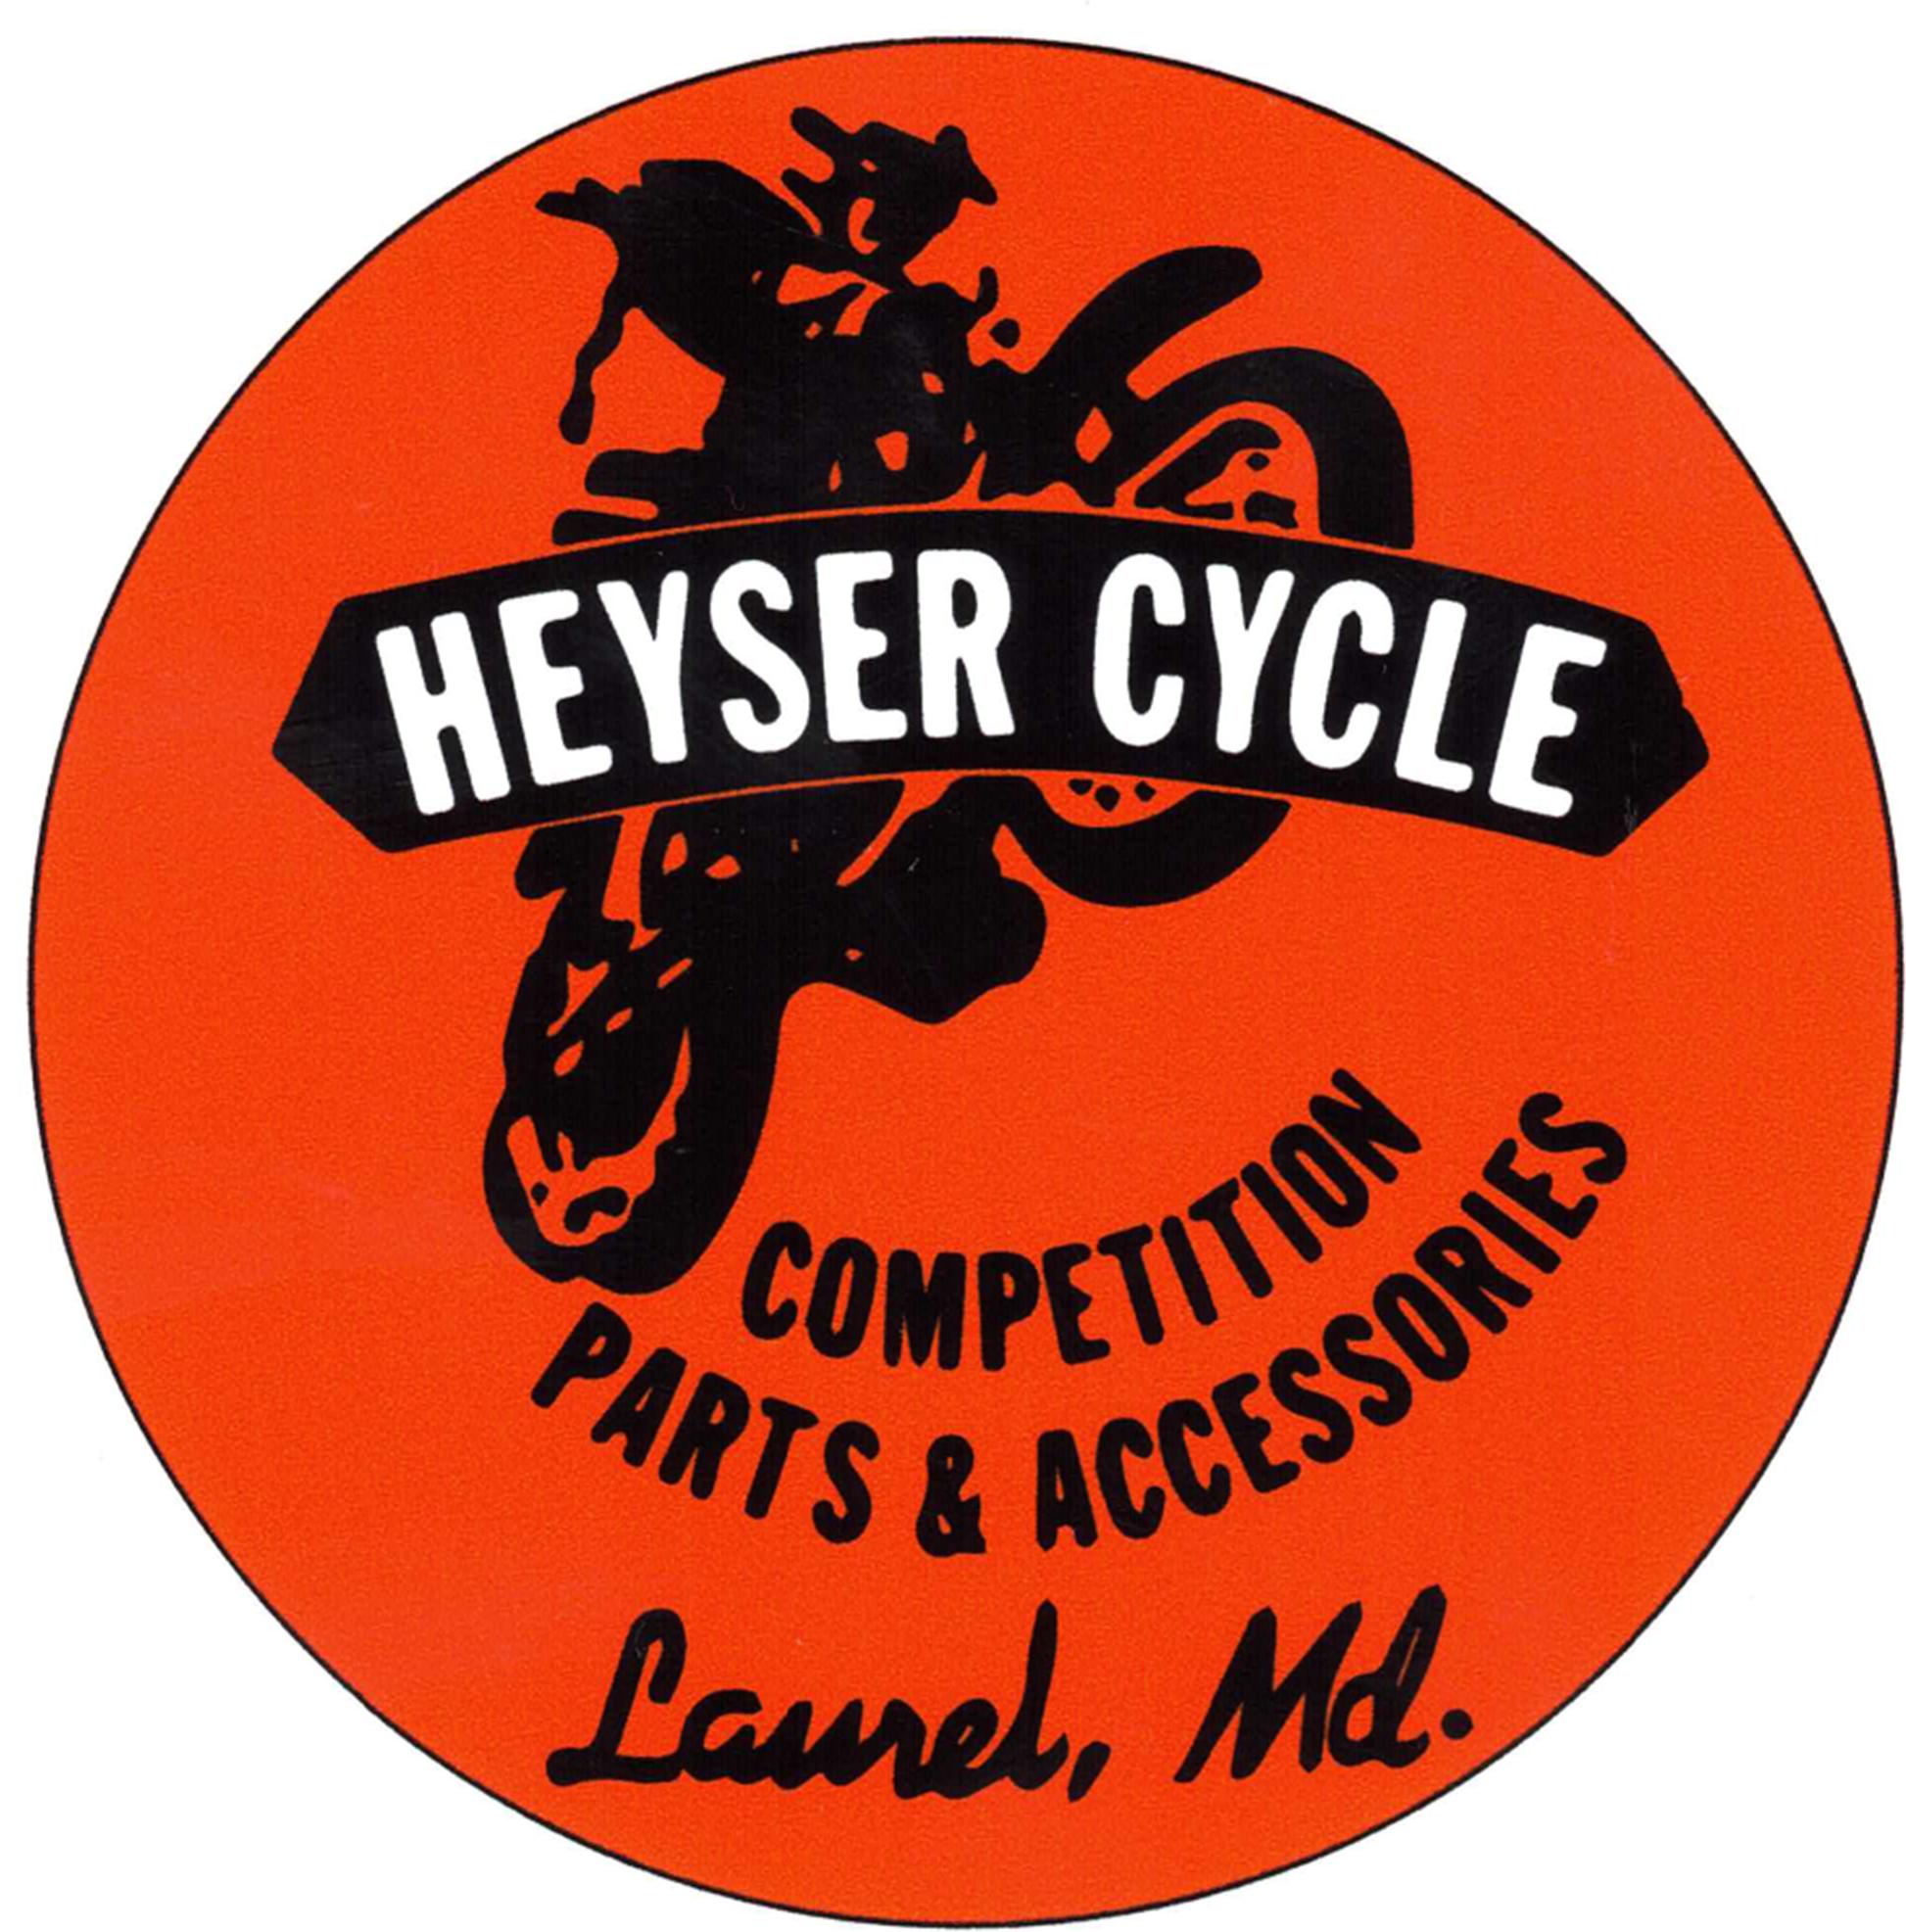 Heyser Cycle